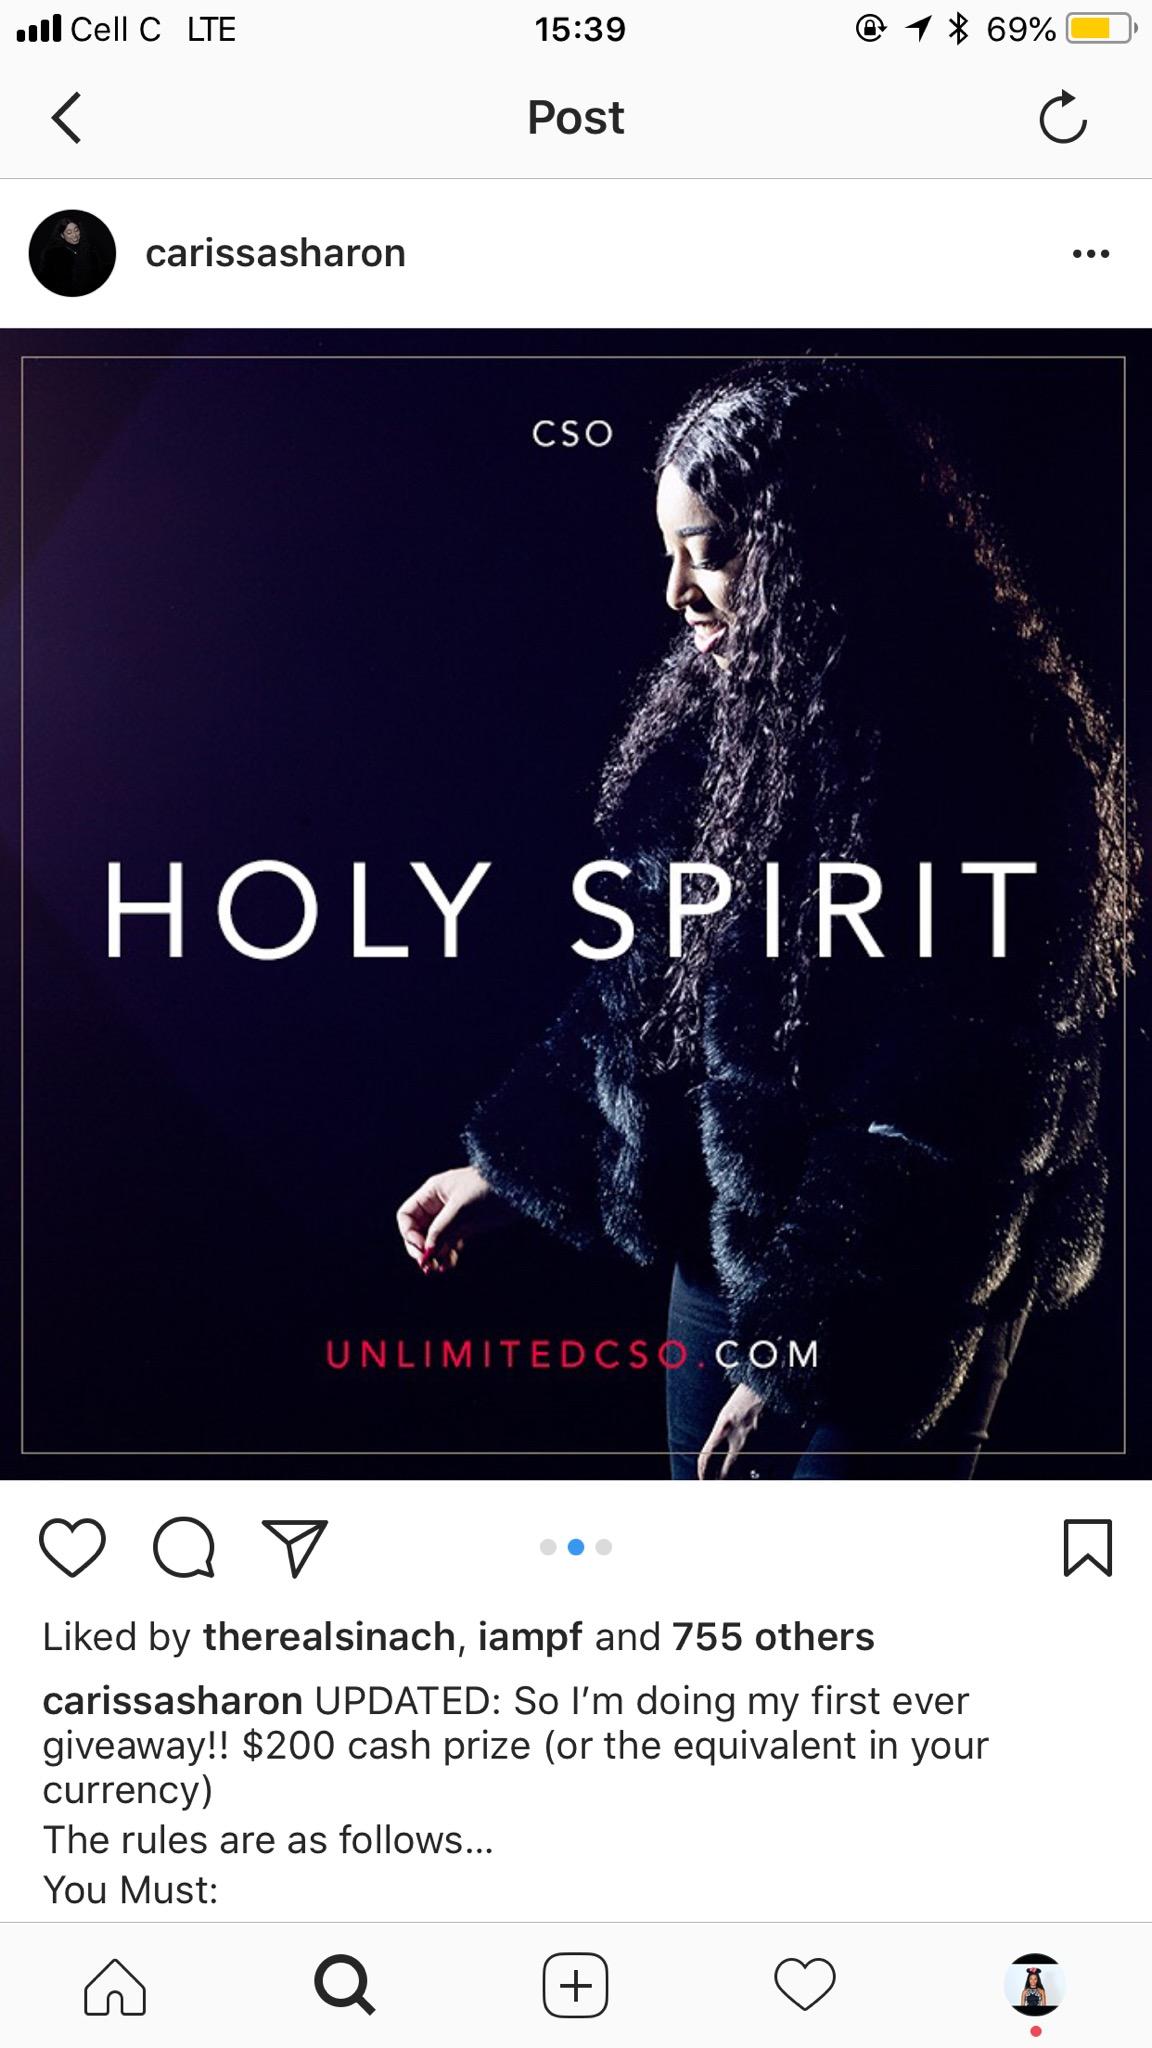 https://www.youtube.com/watch?v=OtJjdmFaNeQ #HOLY